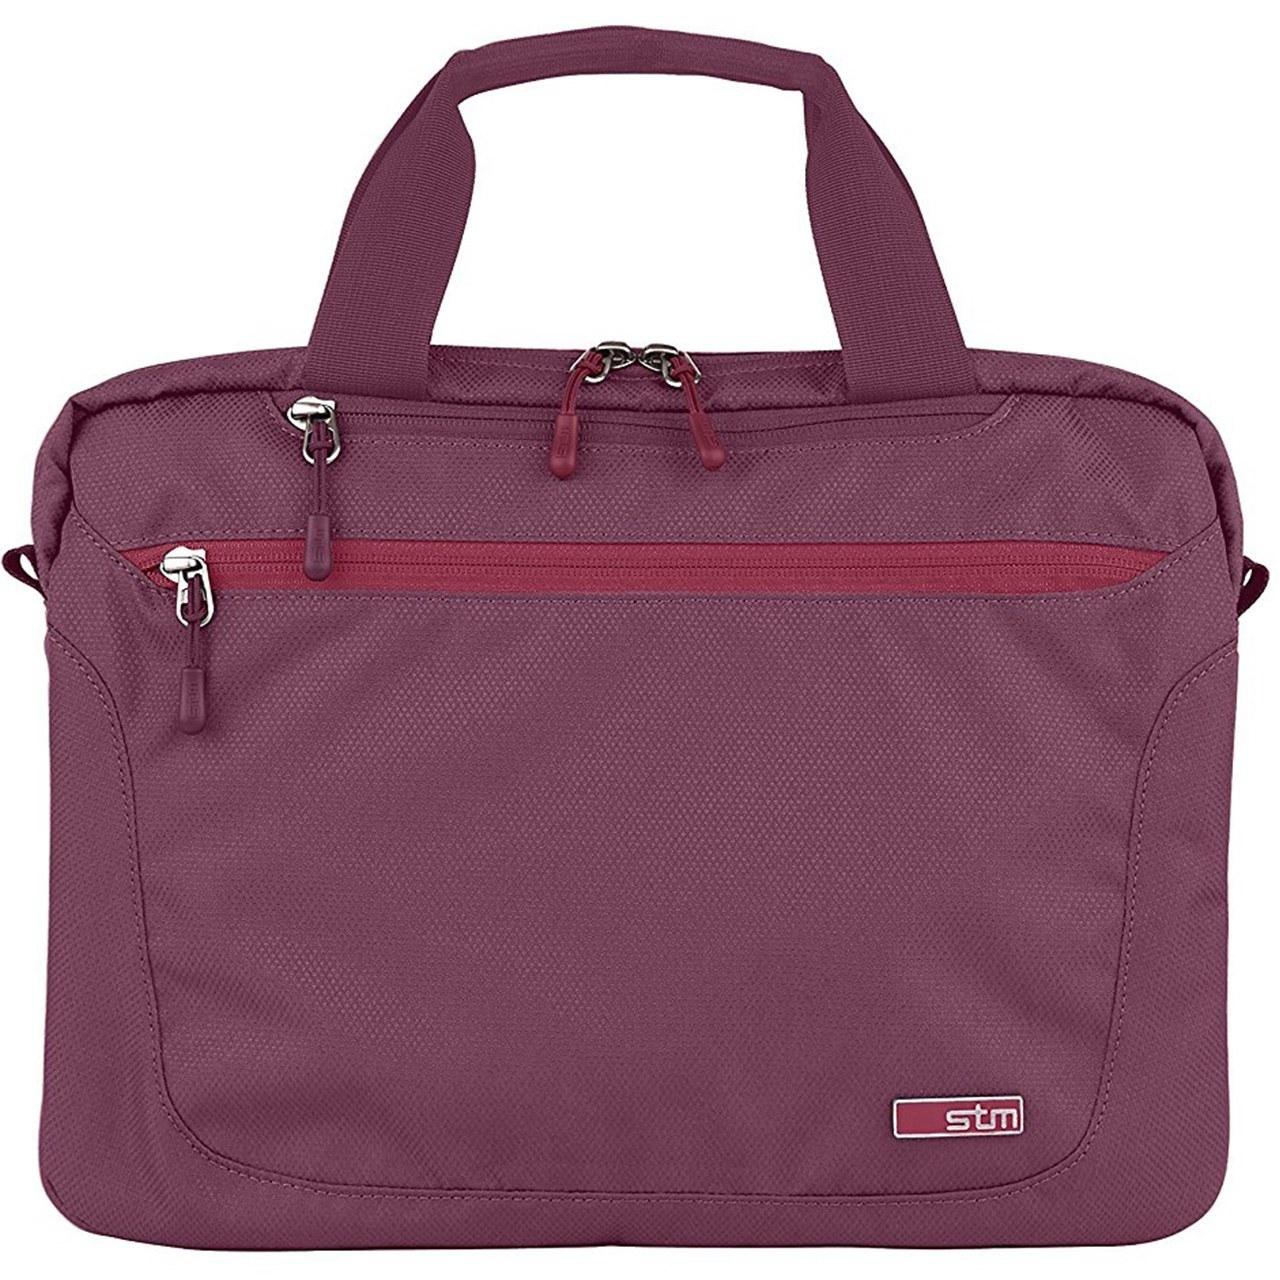 کيف لپ تاپ اس تي ام مدل Swift مناسب براي لپ تاپ هاي 11 اينچي | STM Swift Bag For 11 Inch Laptop